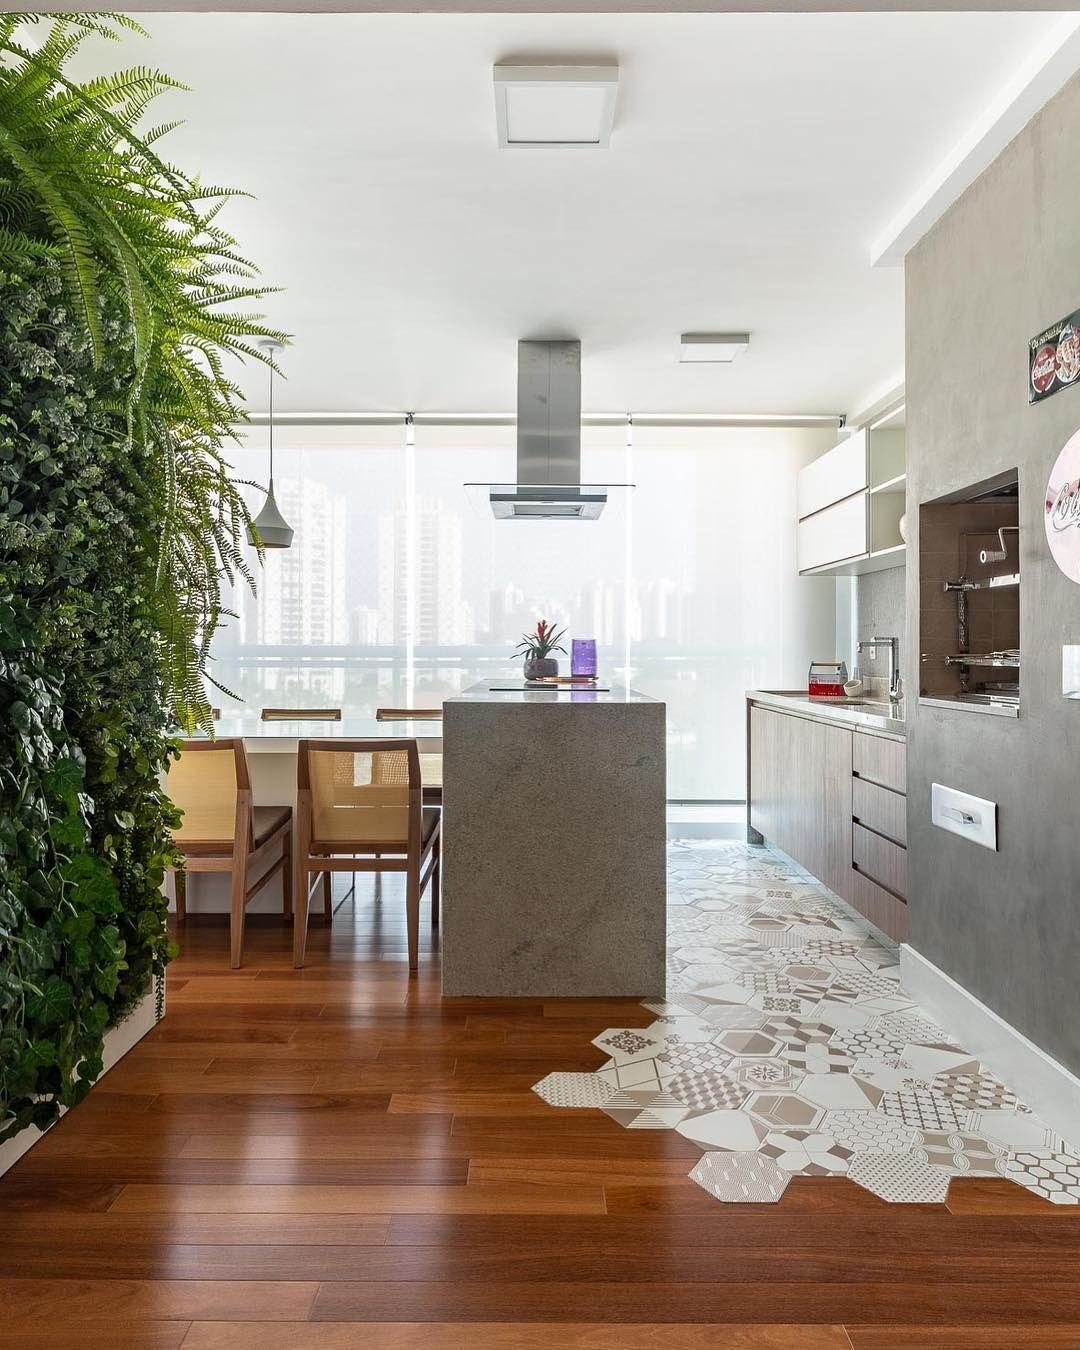 cozinha varanda gourmet parede textura cimento